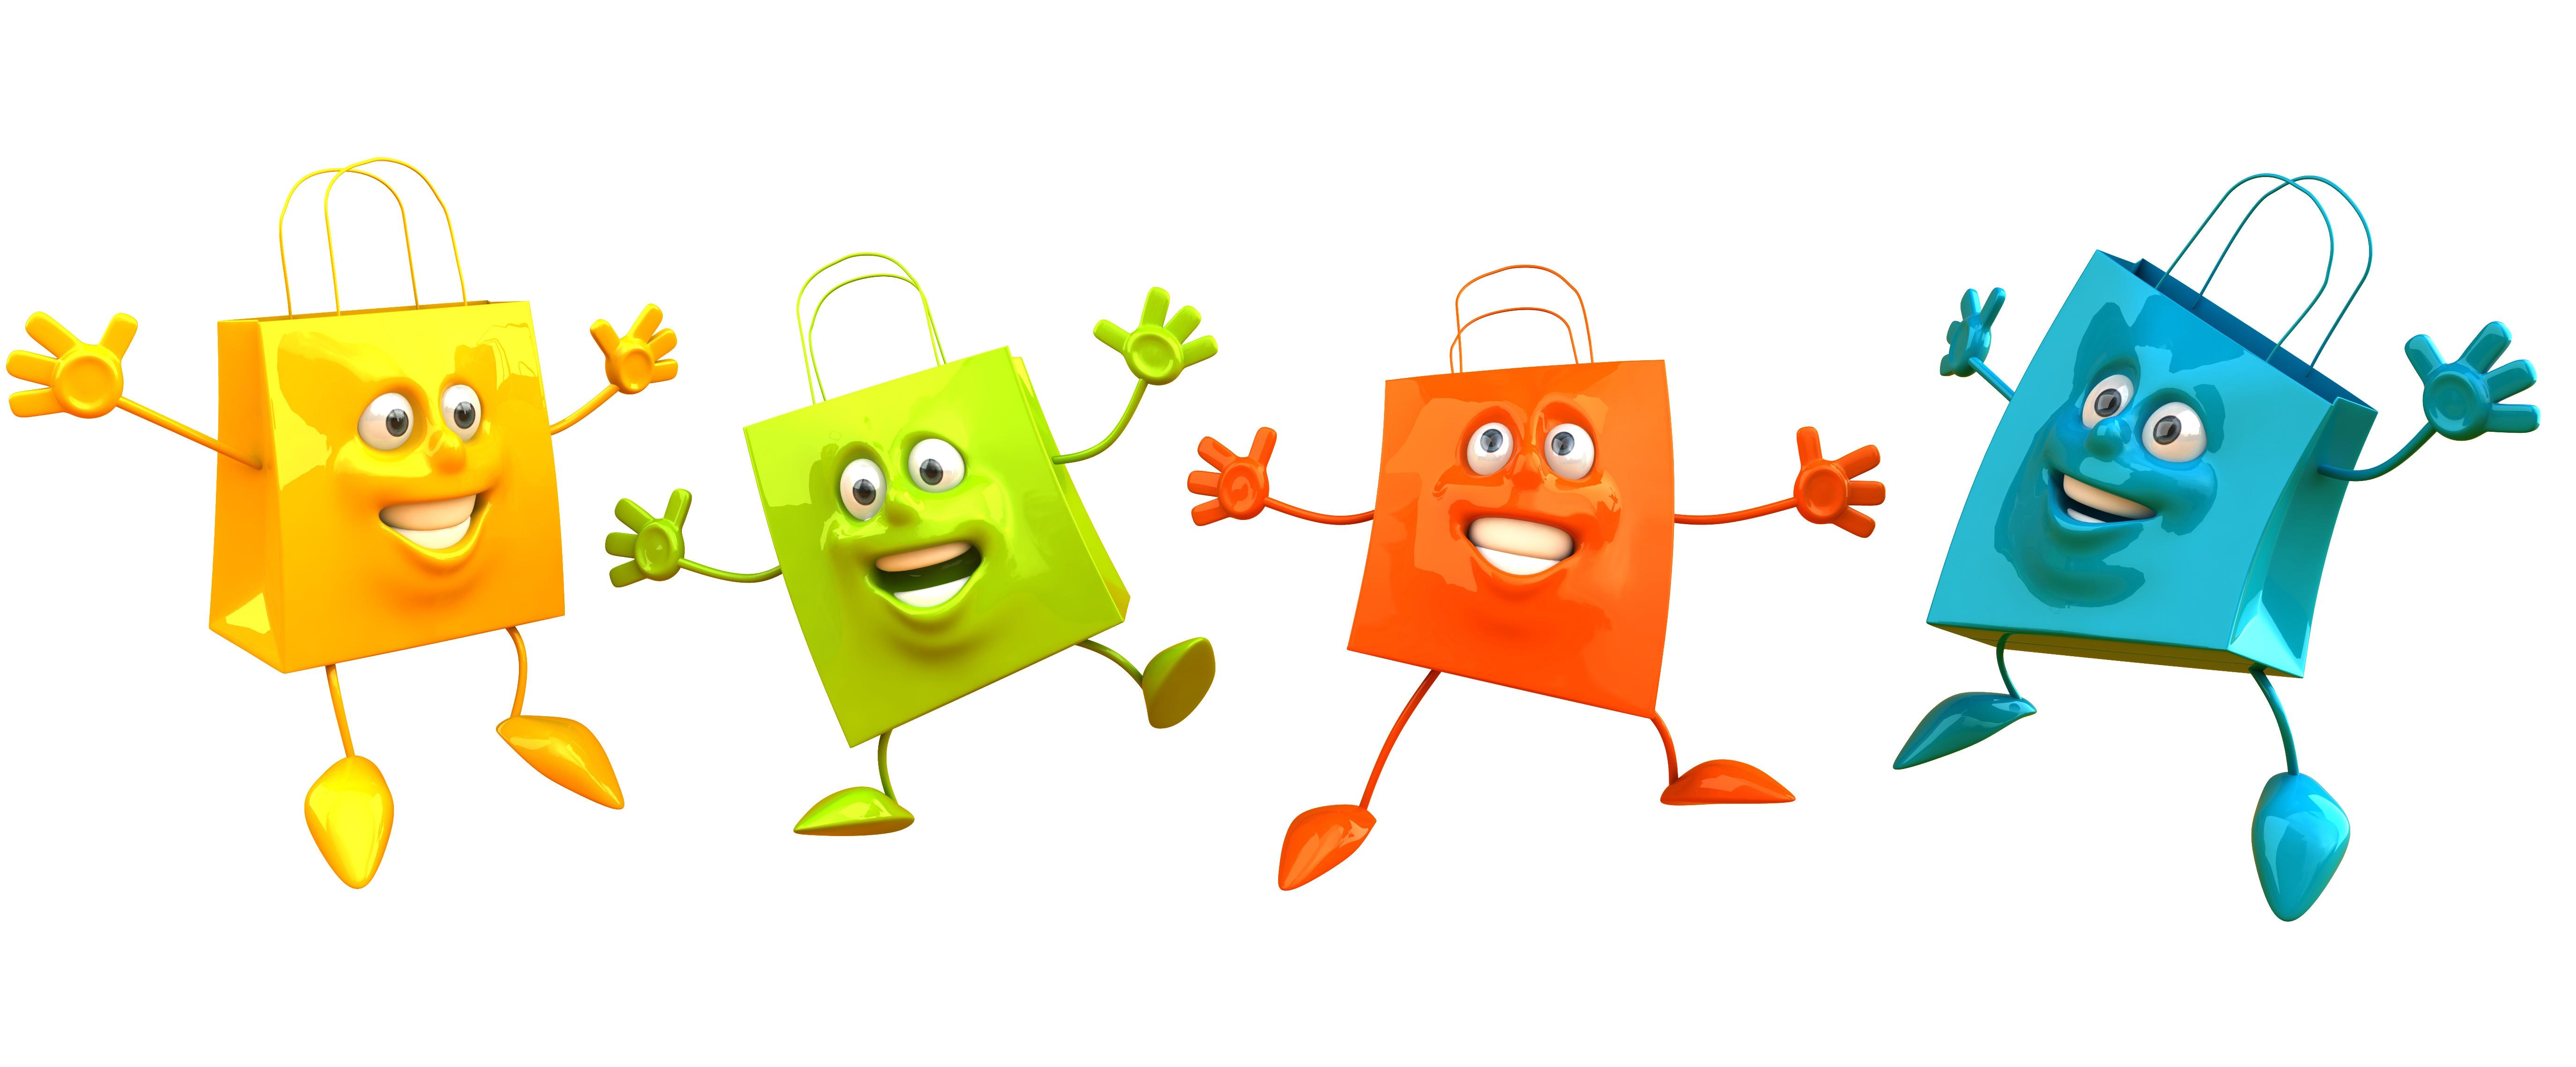 4-einkaufstaschen-die-glücklich-sind-und-sich-freuen